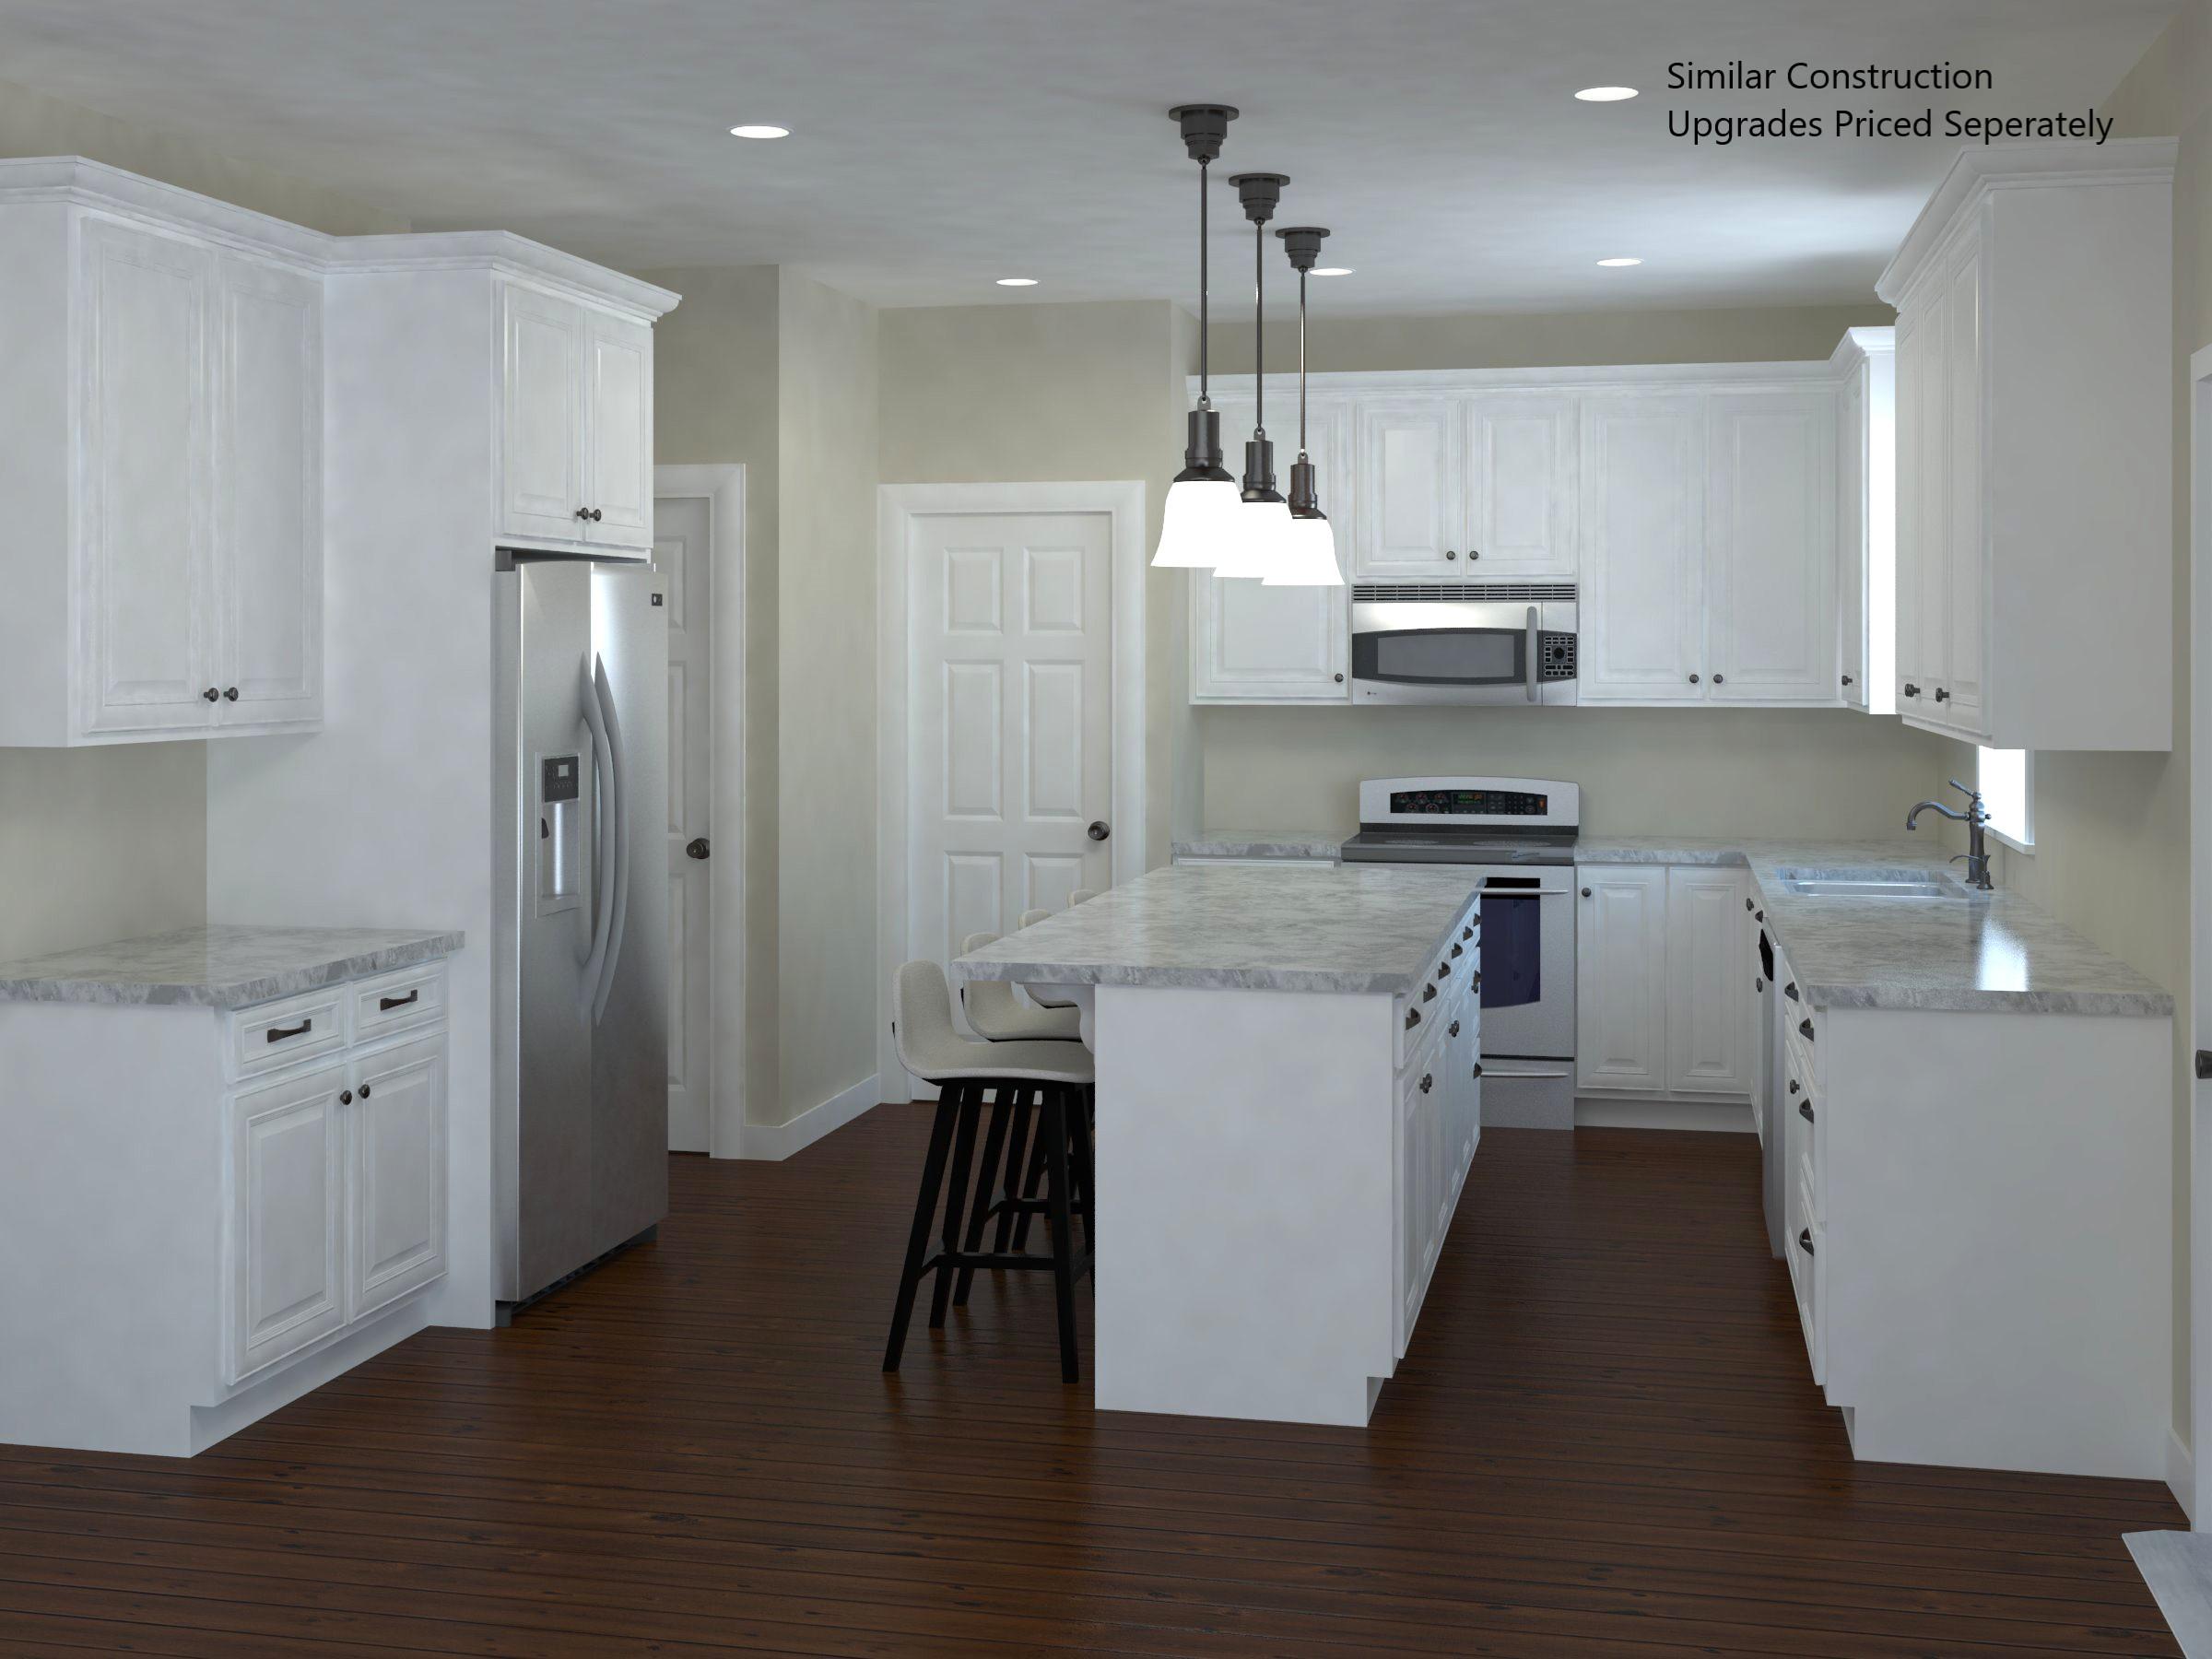 Hemlock Kitchen Rendering